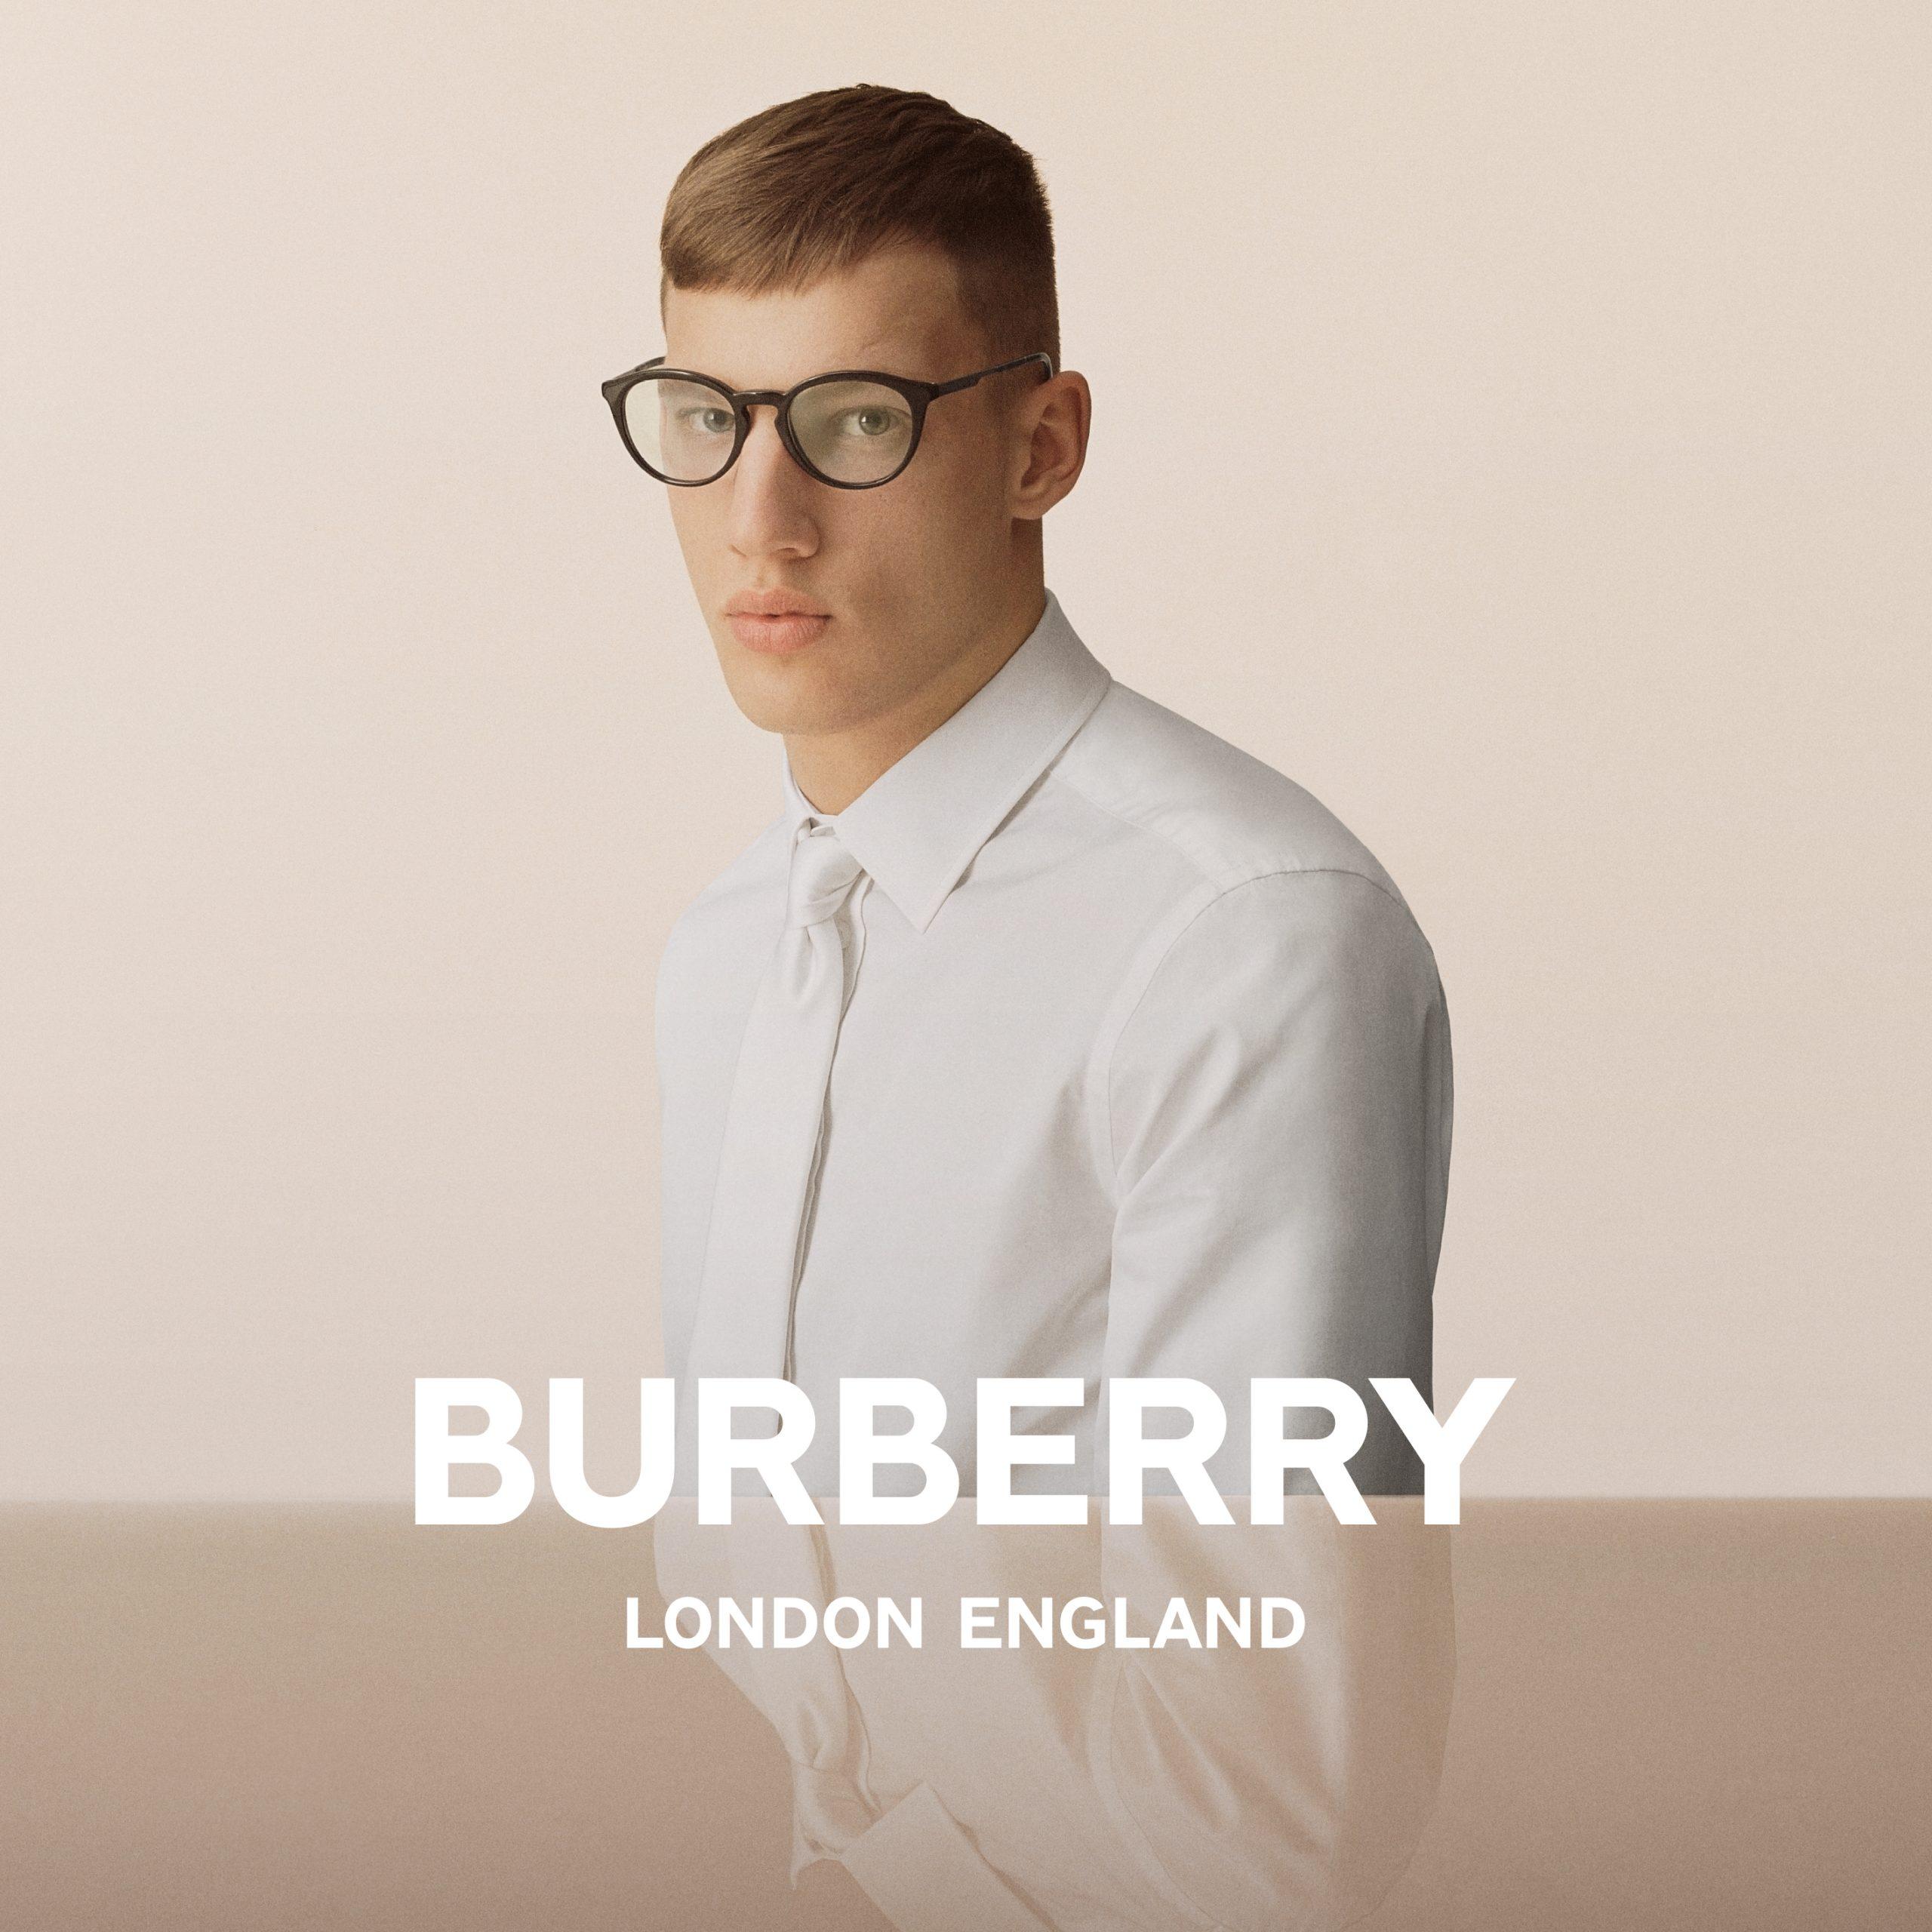 Burberry 4 - Ótica Pitosga